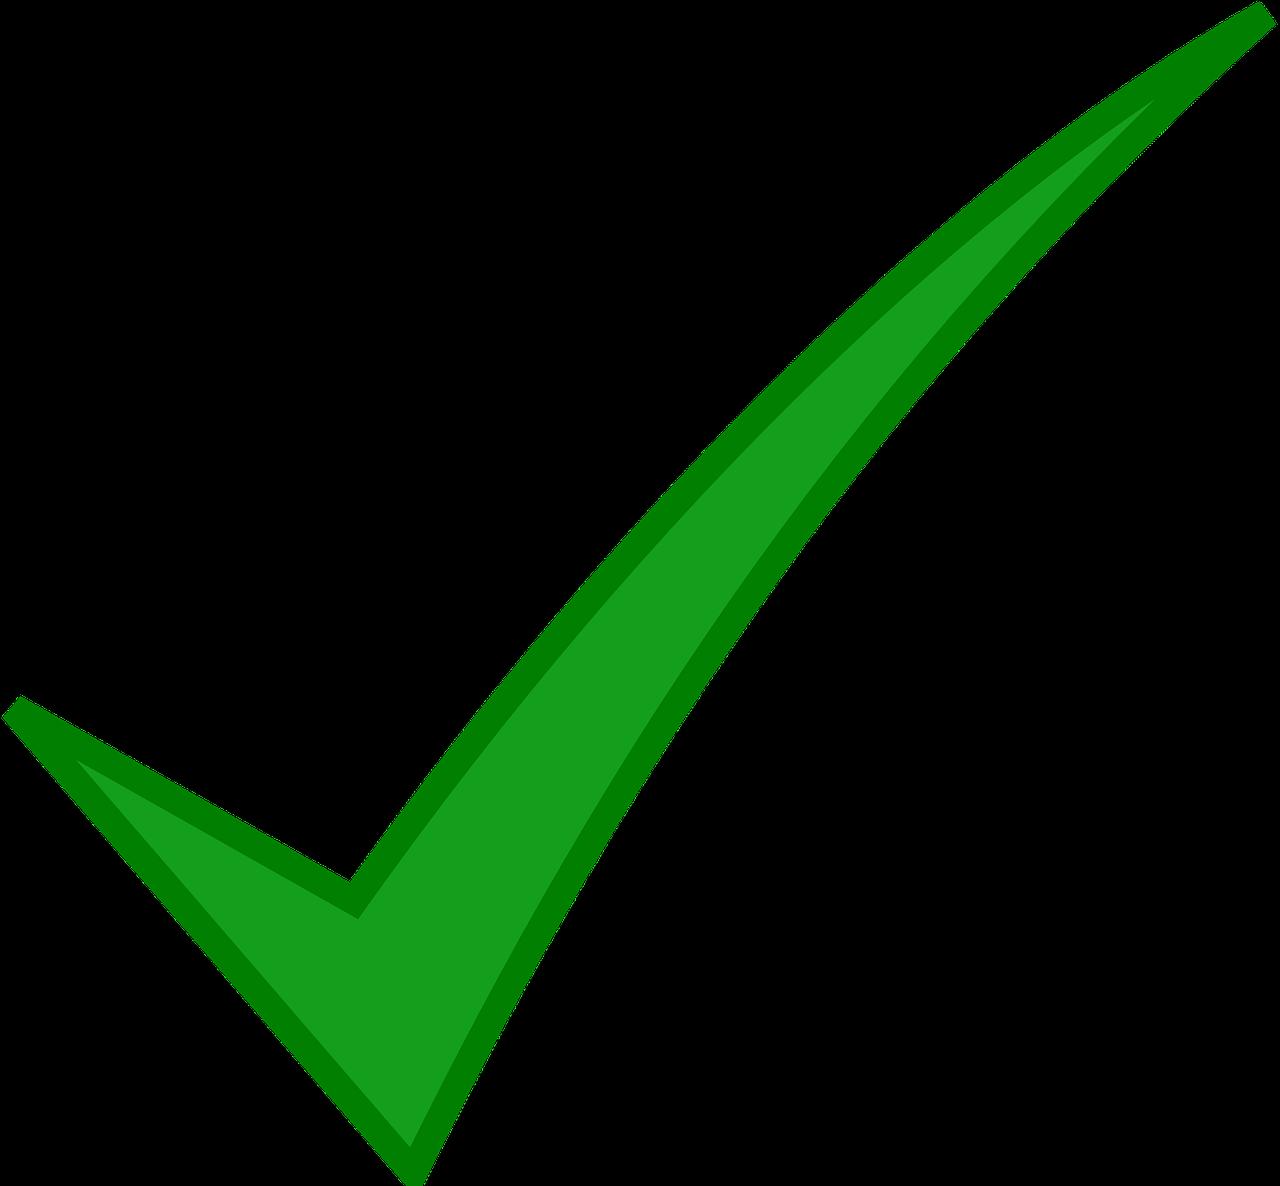 Carrapato Marca Razo�vel - Gr�fico vetorial gr�tis no Pixabay